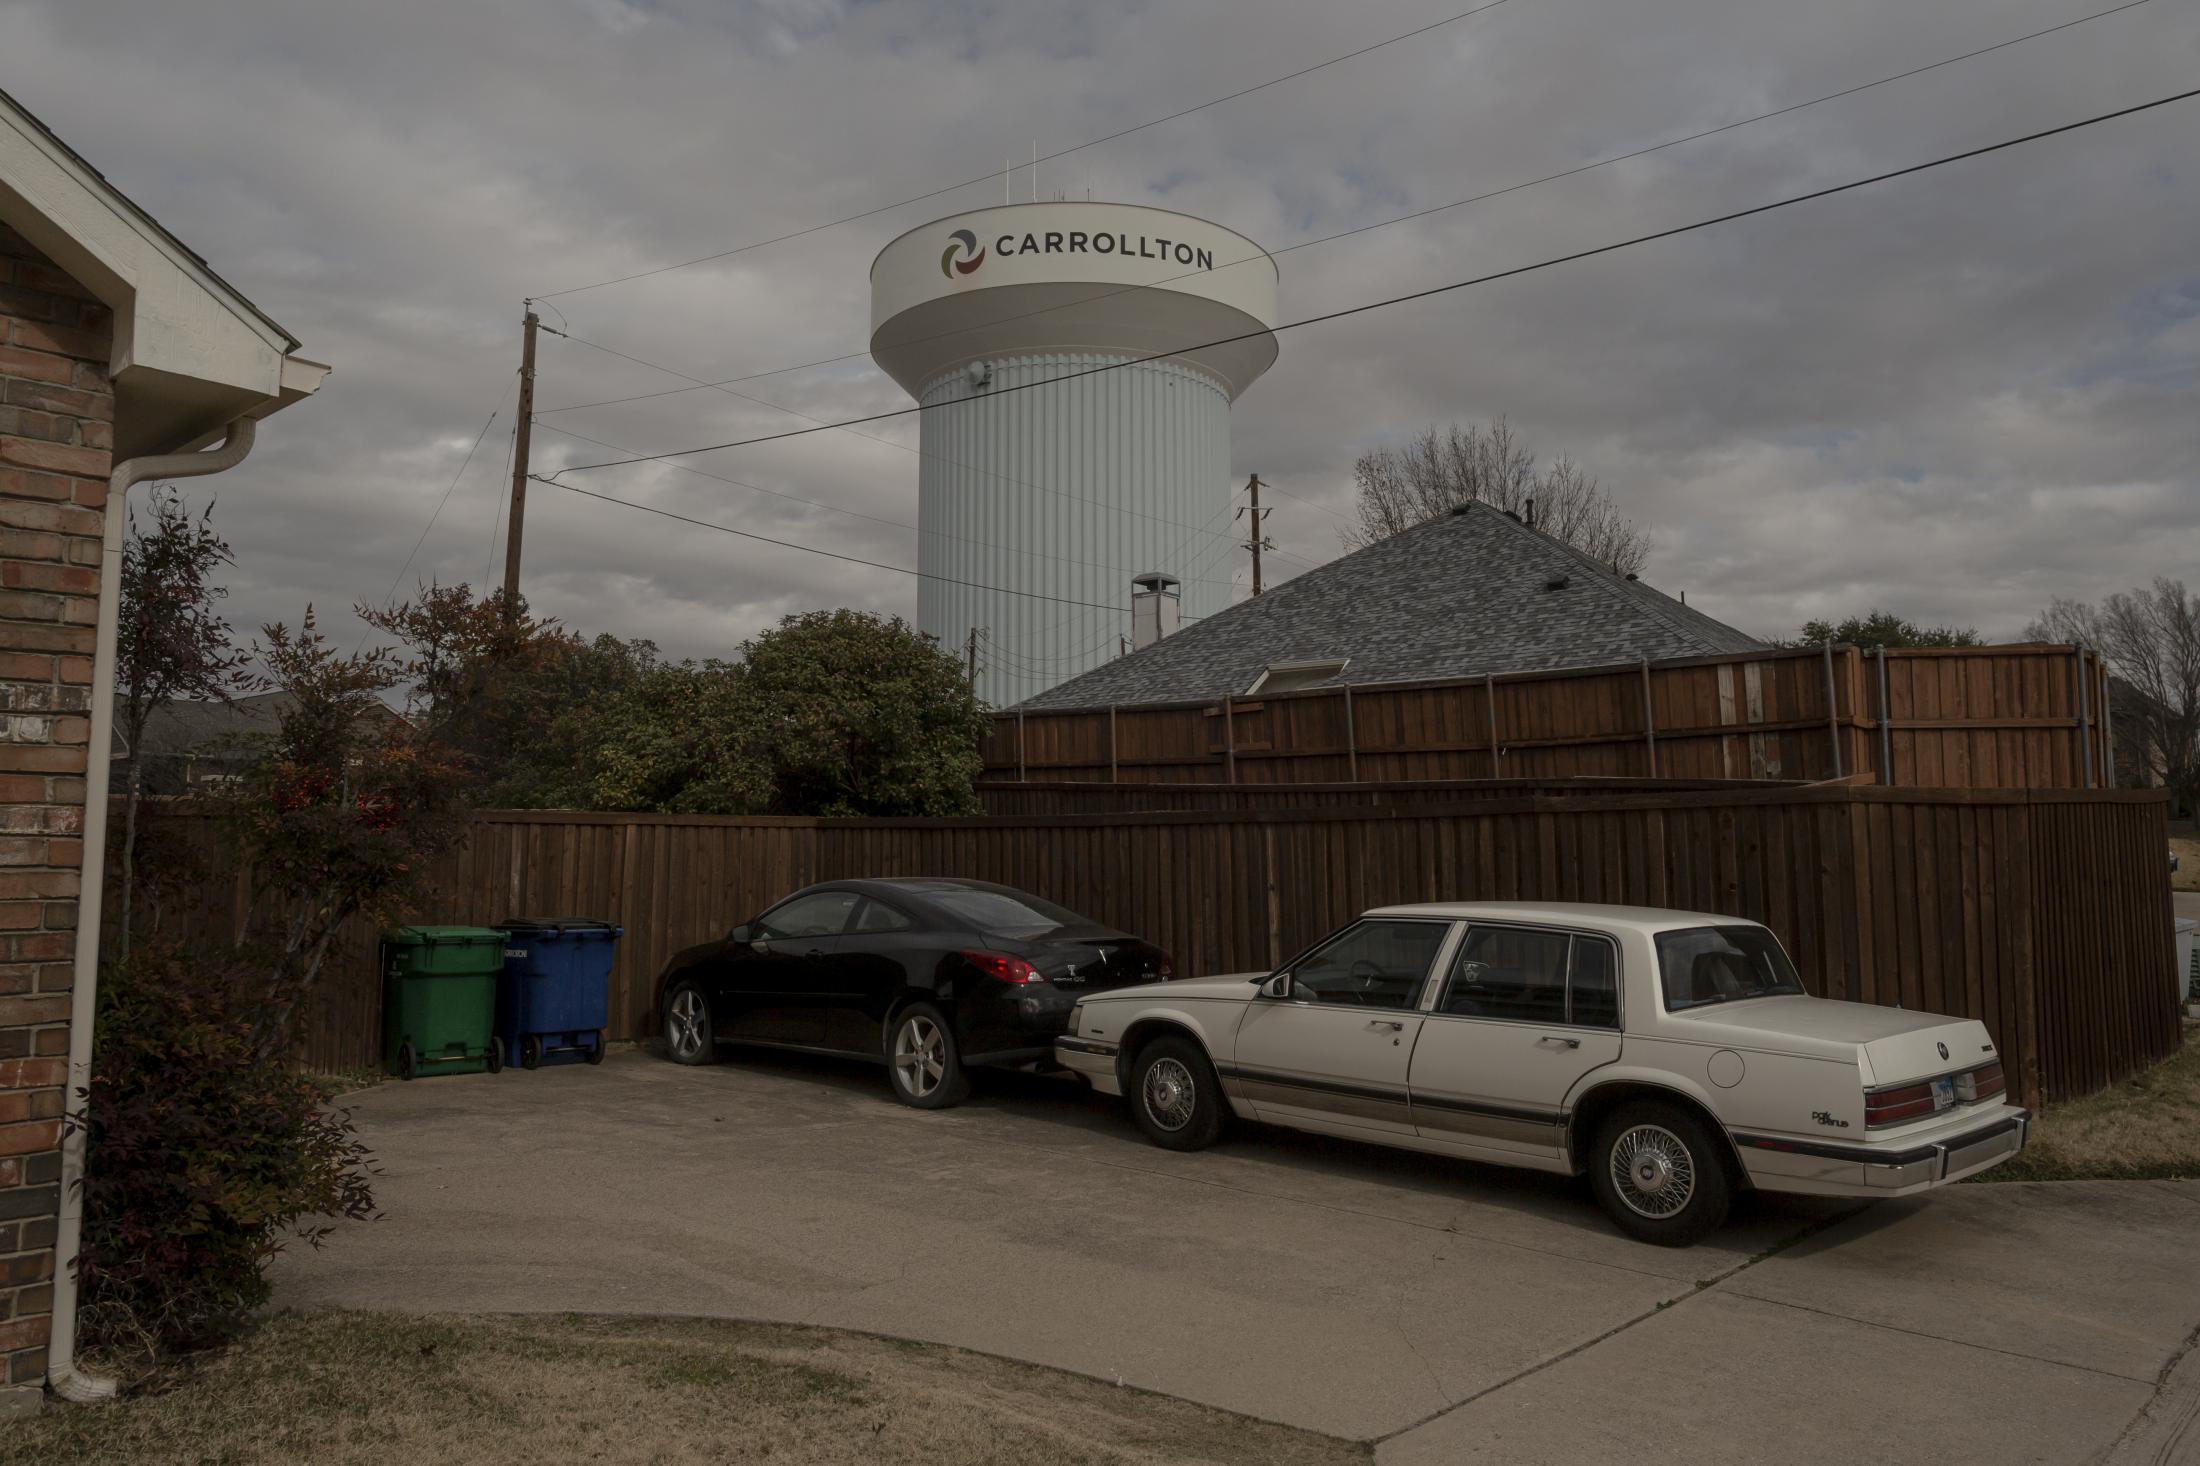 Carrolton, Texas